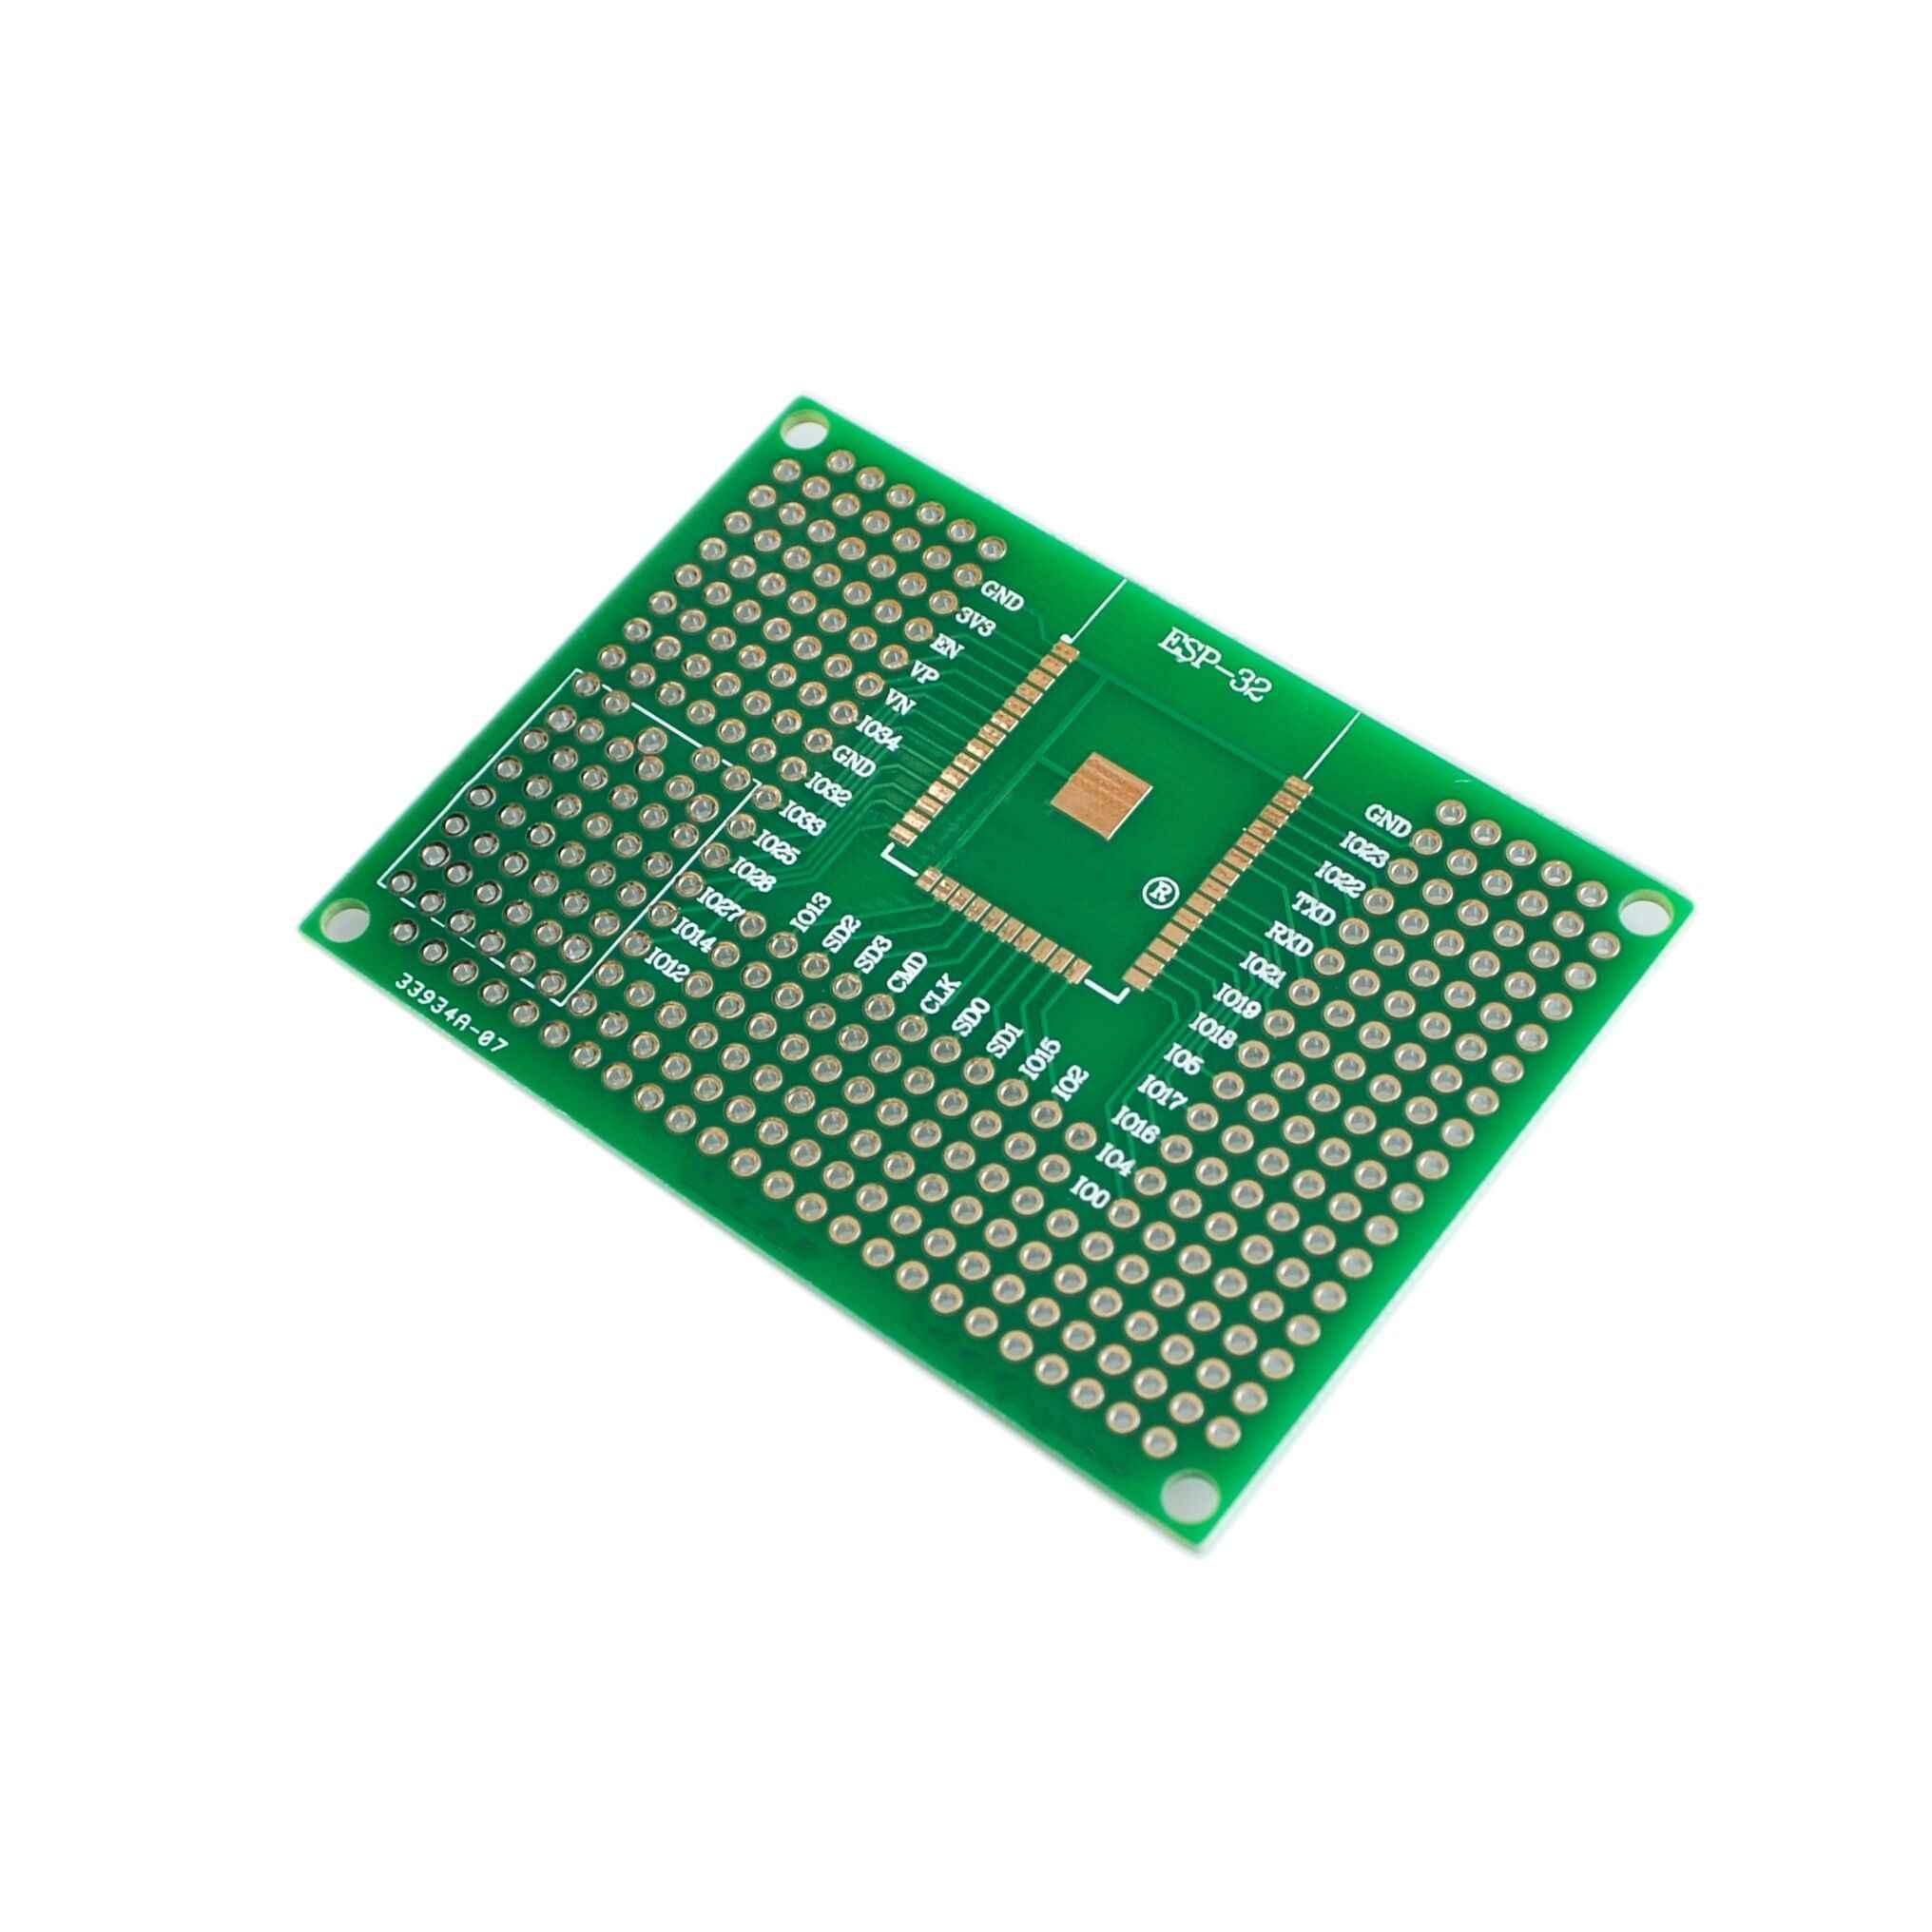 """5X7 ס""""מ כפול צד אב טיפוס PCB טיפוס אוניברסלי לוח לarduino UNO R3 ESP8266 WIFI ESP-12F ESP-12E ESP32S ESP32 50x70 מ""""מ"""